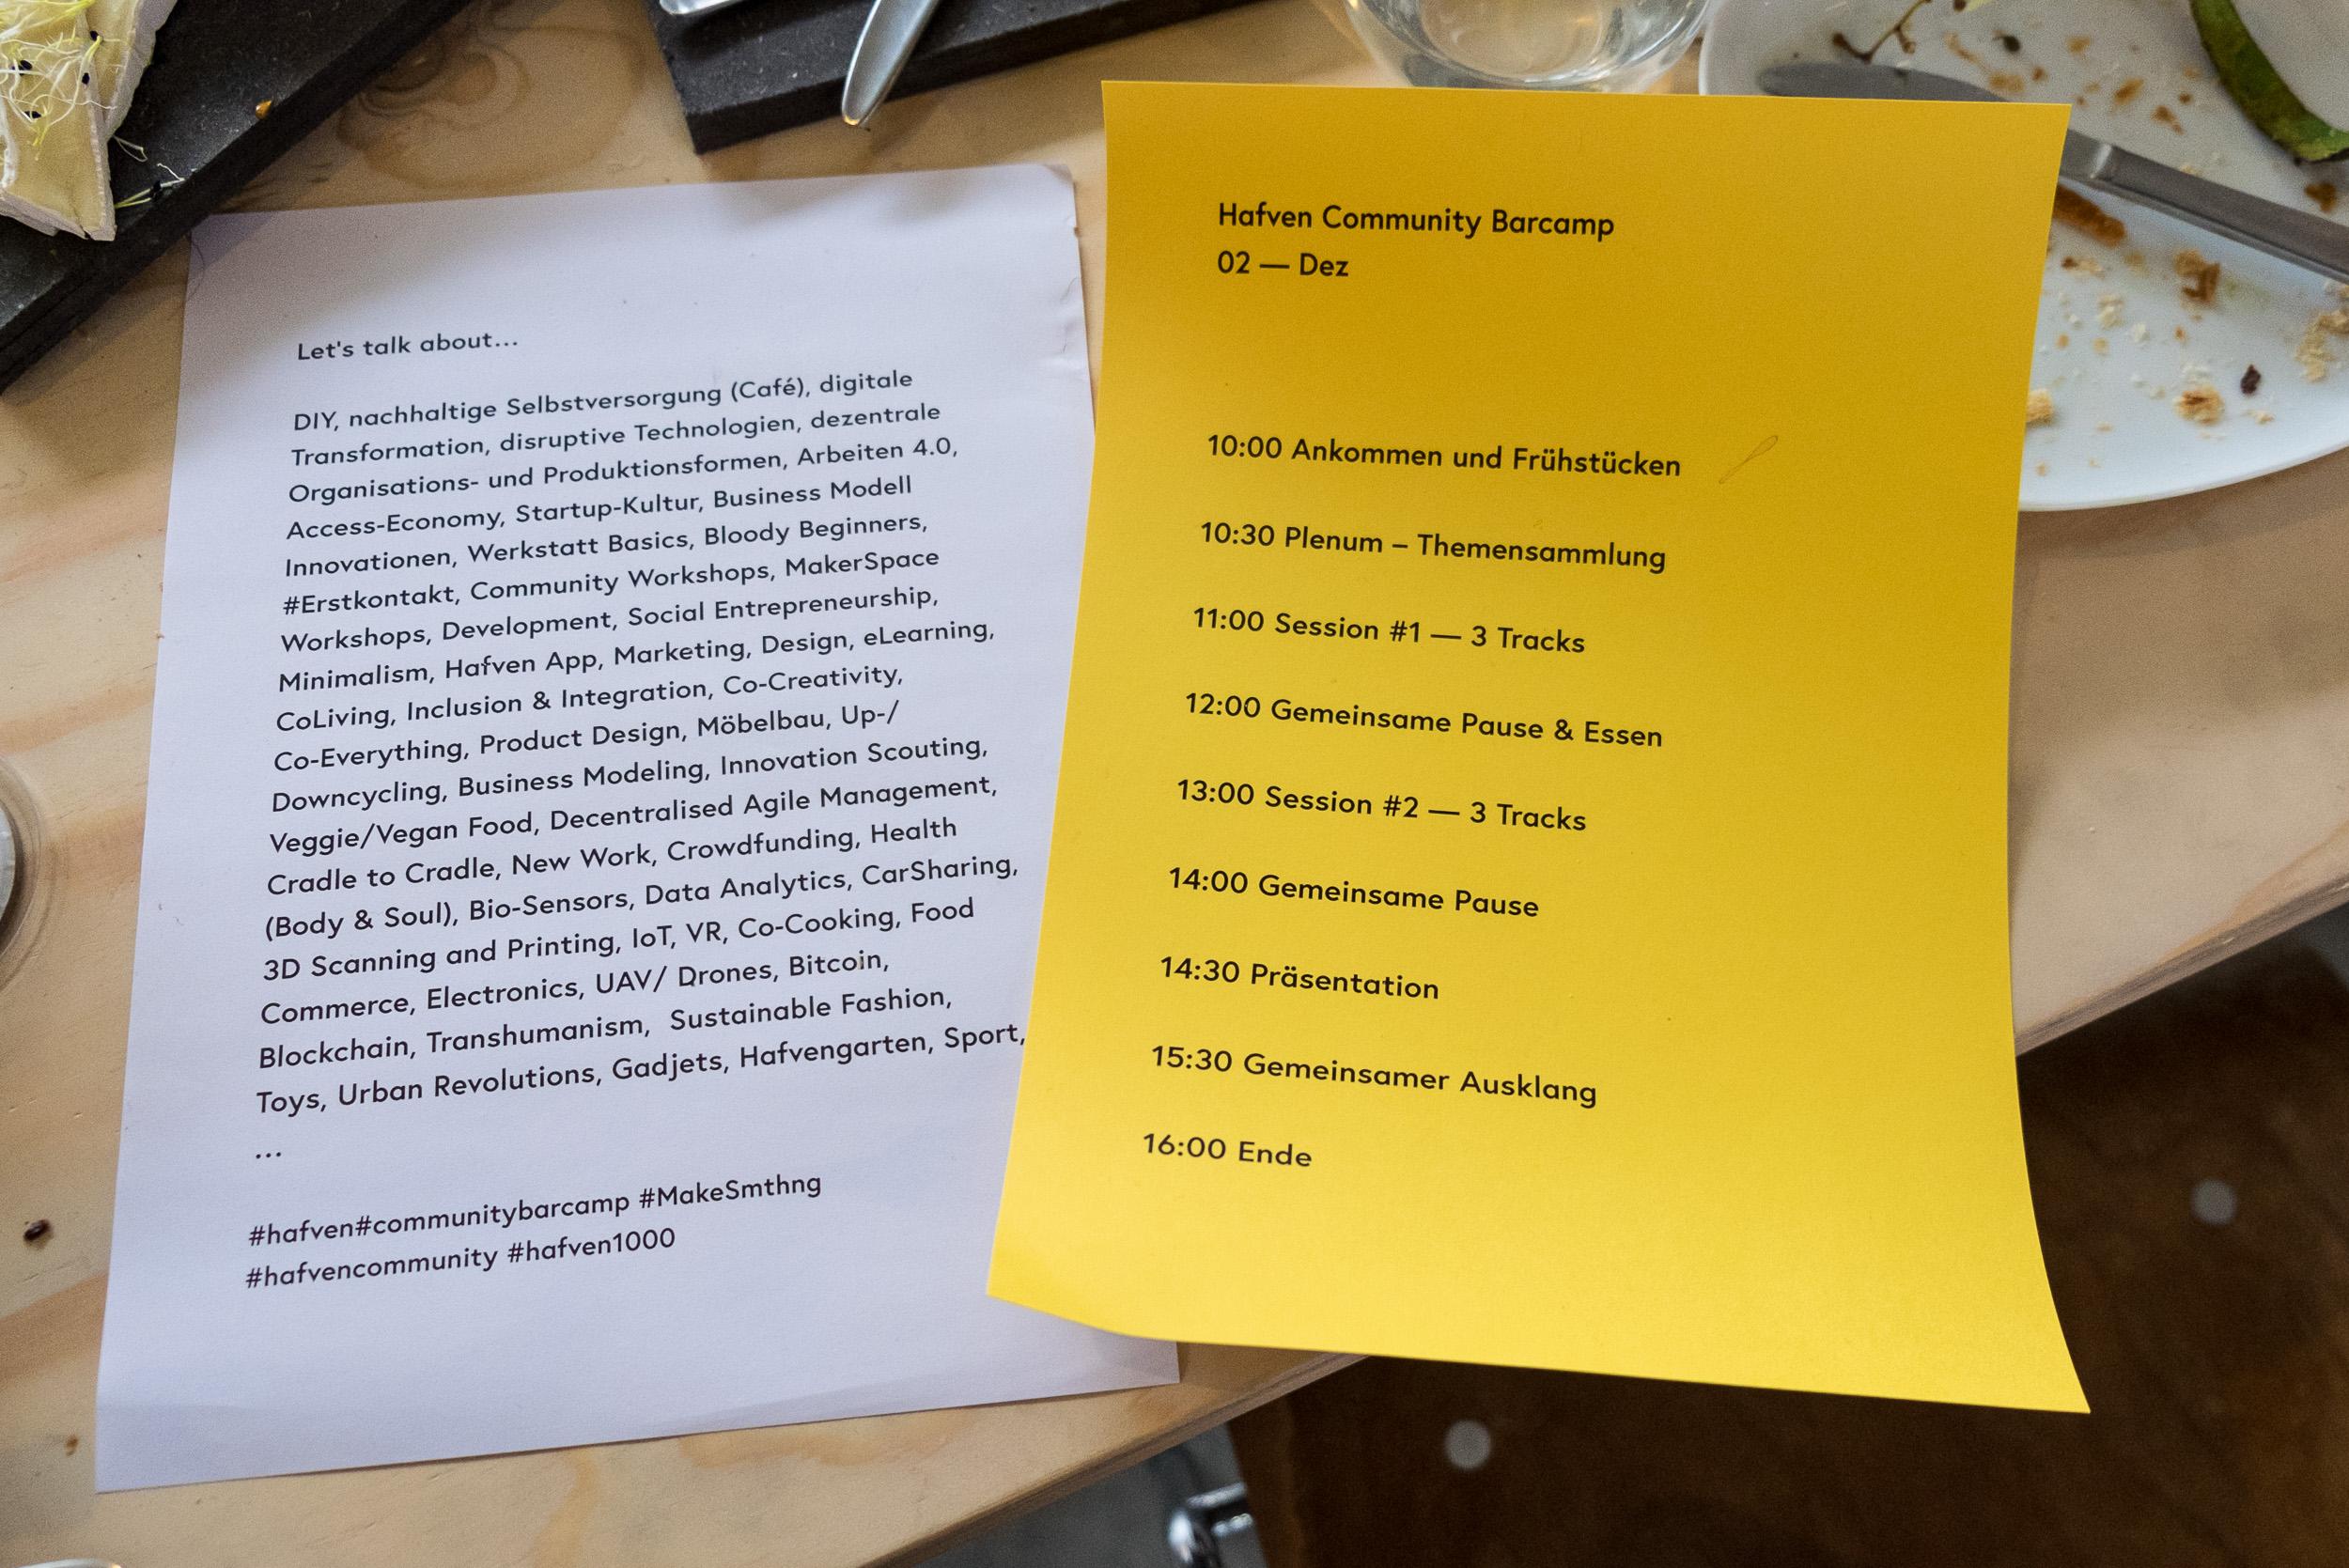 Der ambitionierte Zeitplan für den Ablauf des Barcamps wurde natürlich gerissen